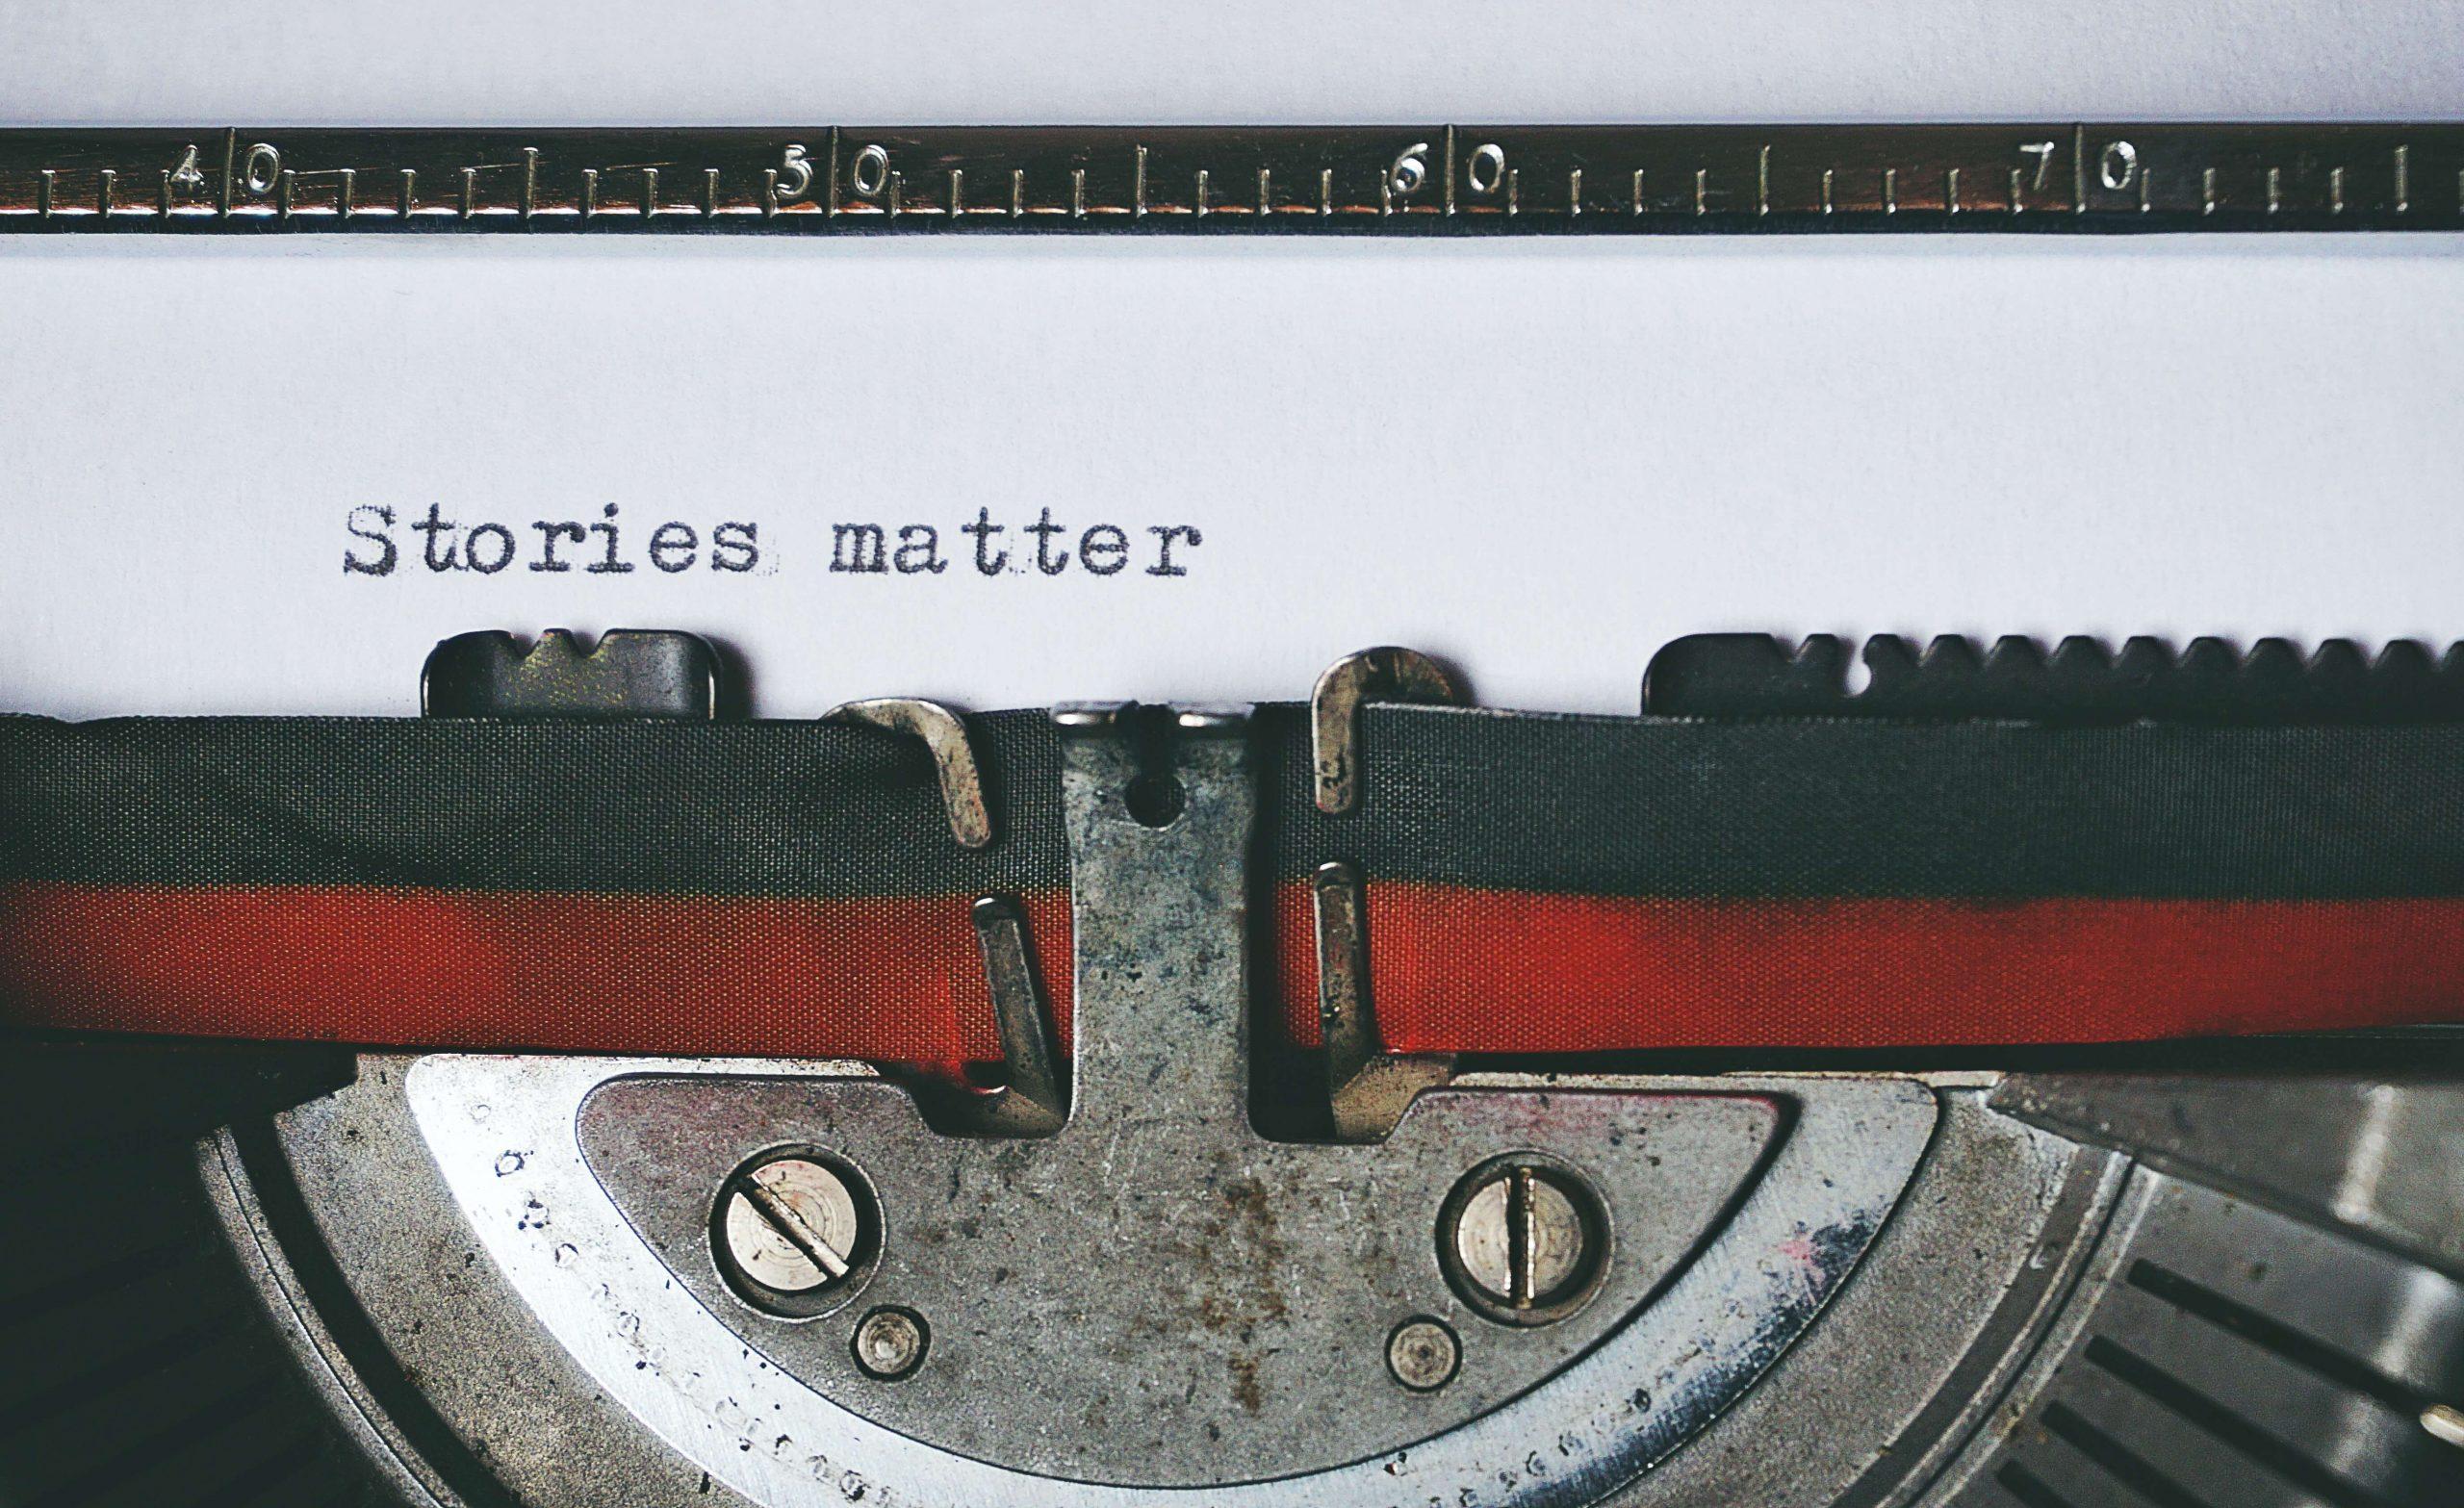 Una macchina da scrivere che batte delle lettere